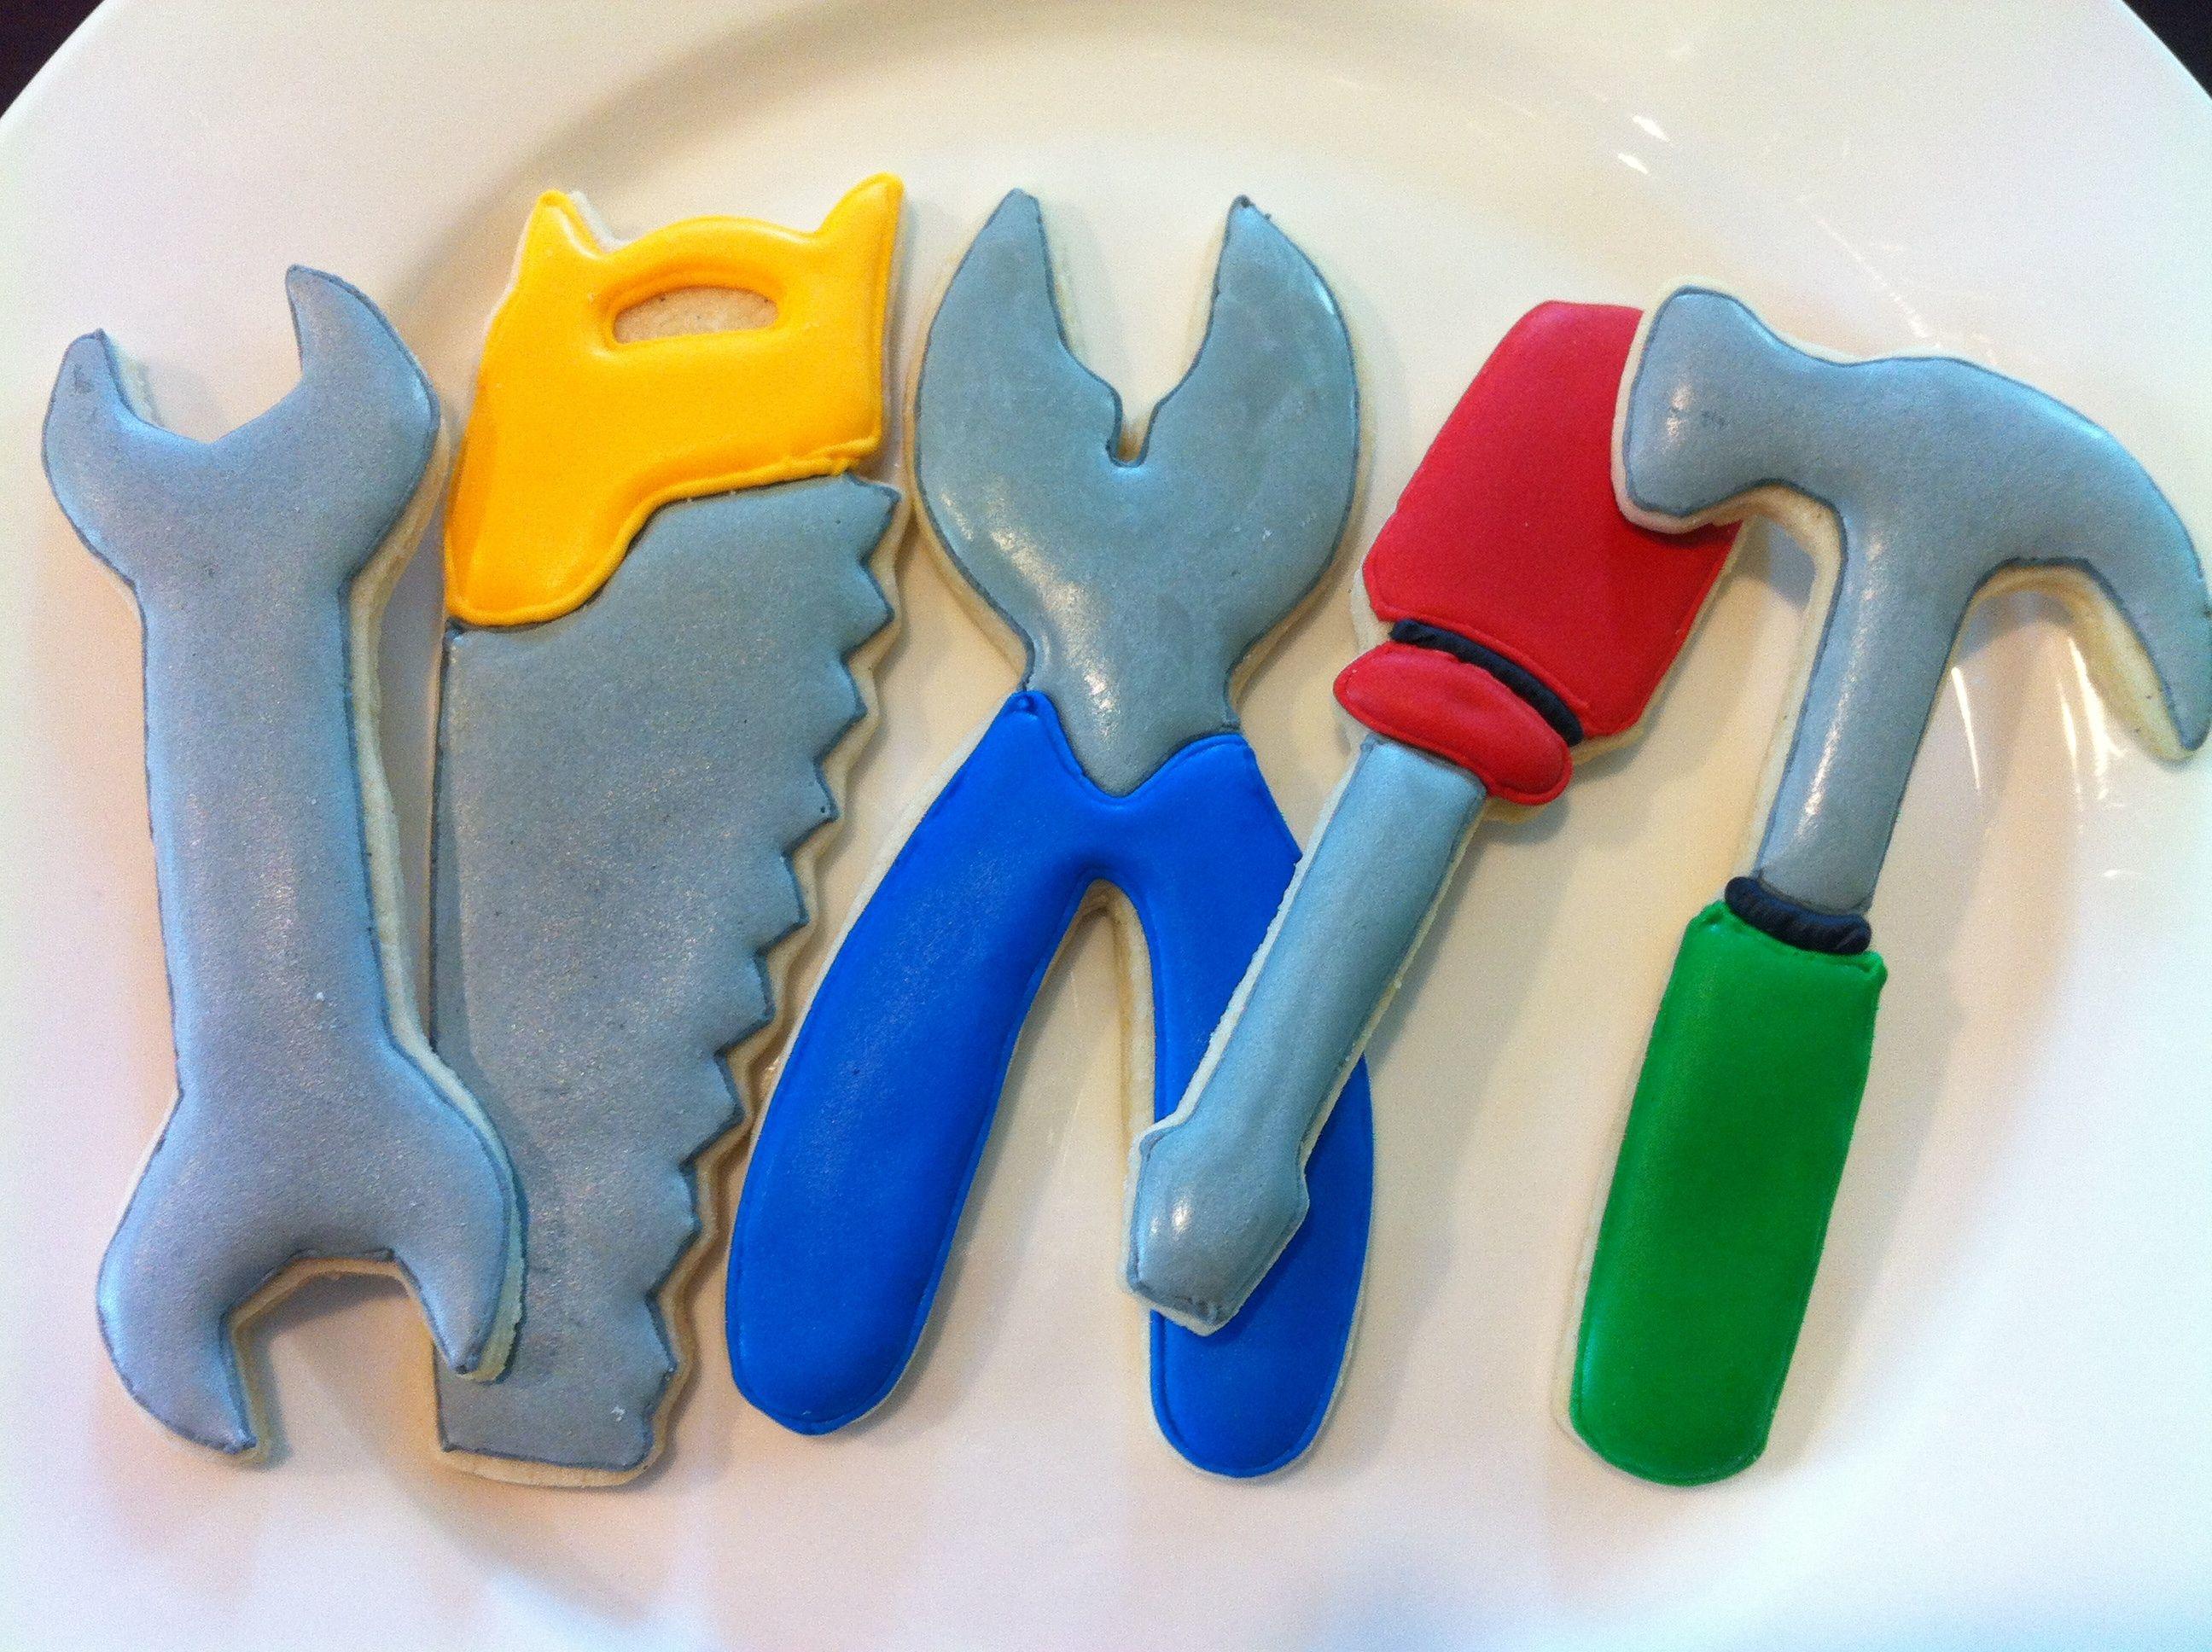 Tool Cookies Galletas Galletas Dia Del Padre Galletas